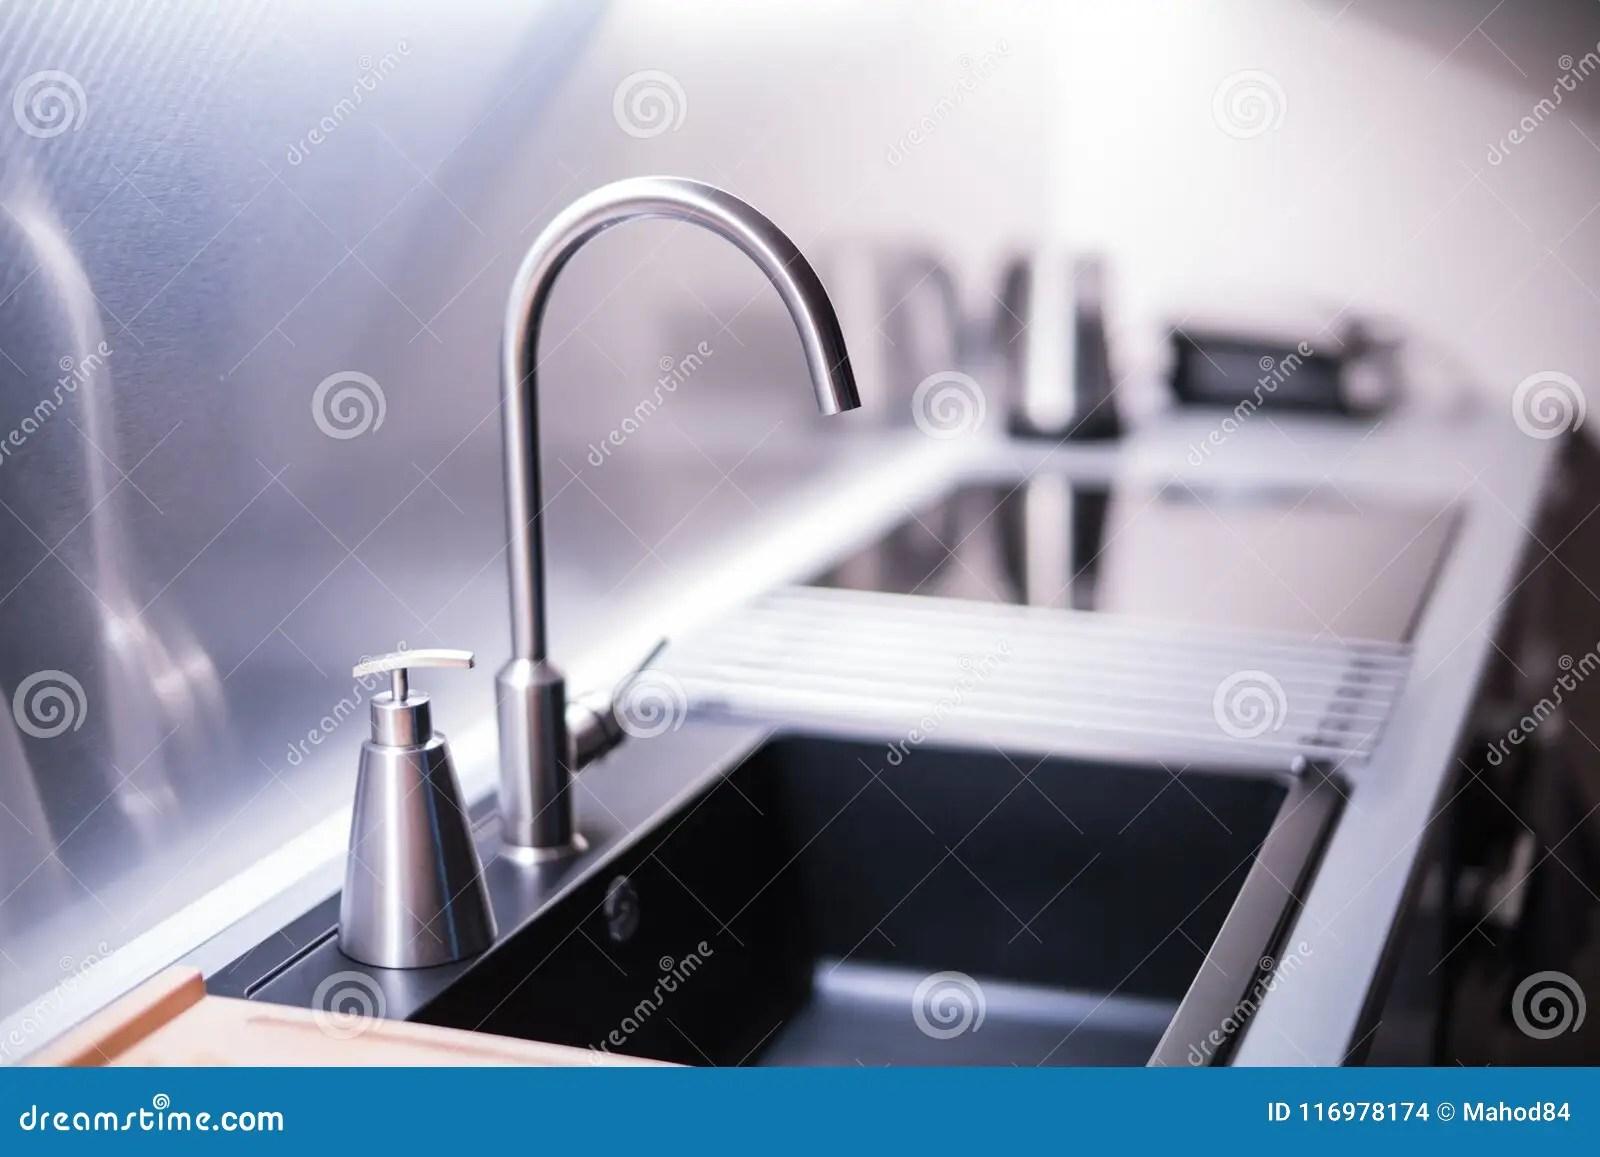 new kitchen sink rustic table sets 黑石水槽和水龙头在新的现代厨房内部库存照片 图片包括有bastien 厨房 黑石水槽和水龙头在新的现代厨房内部